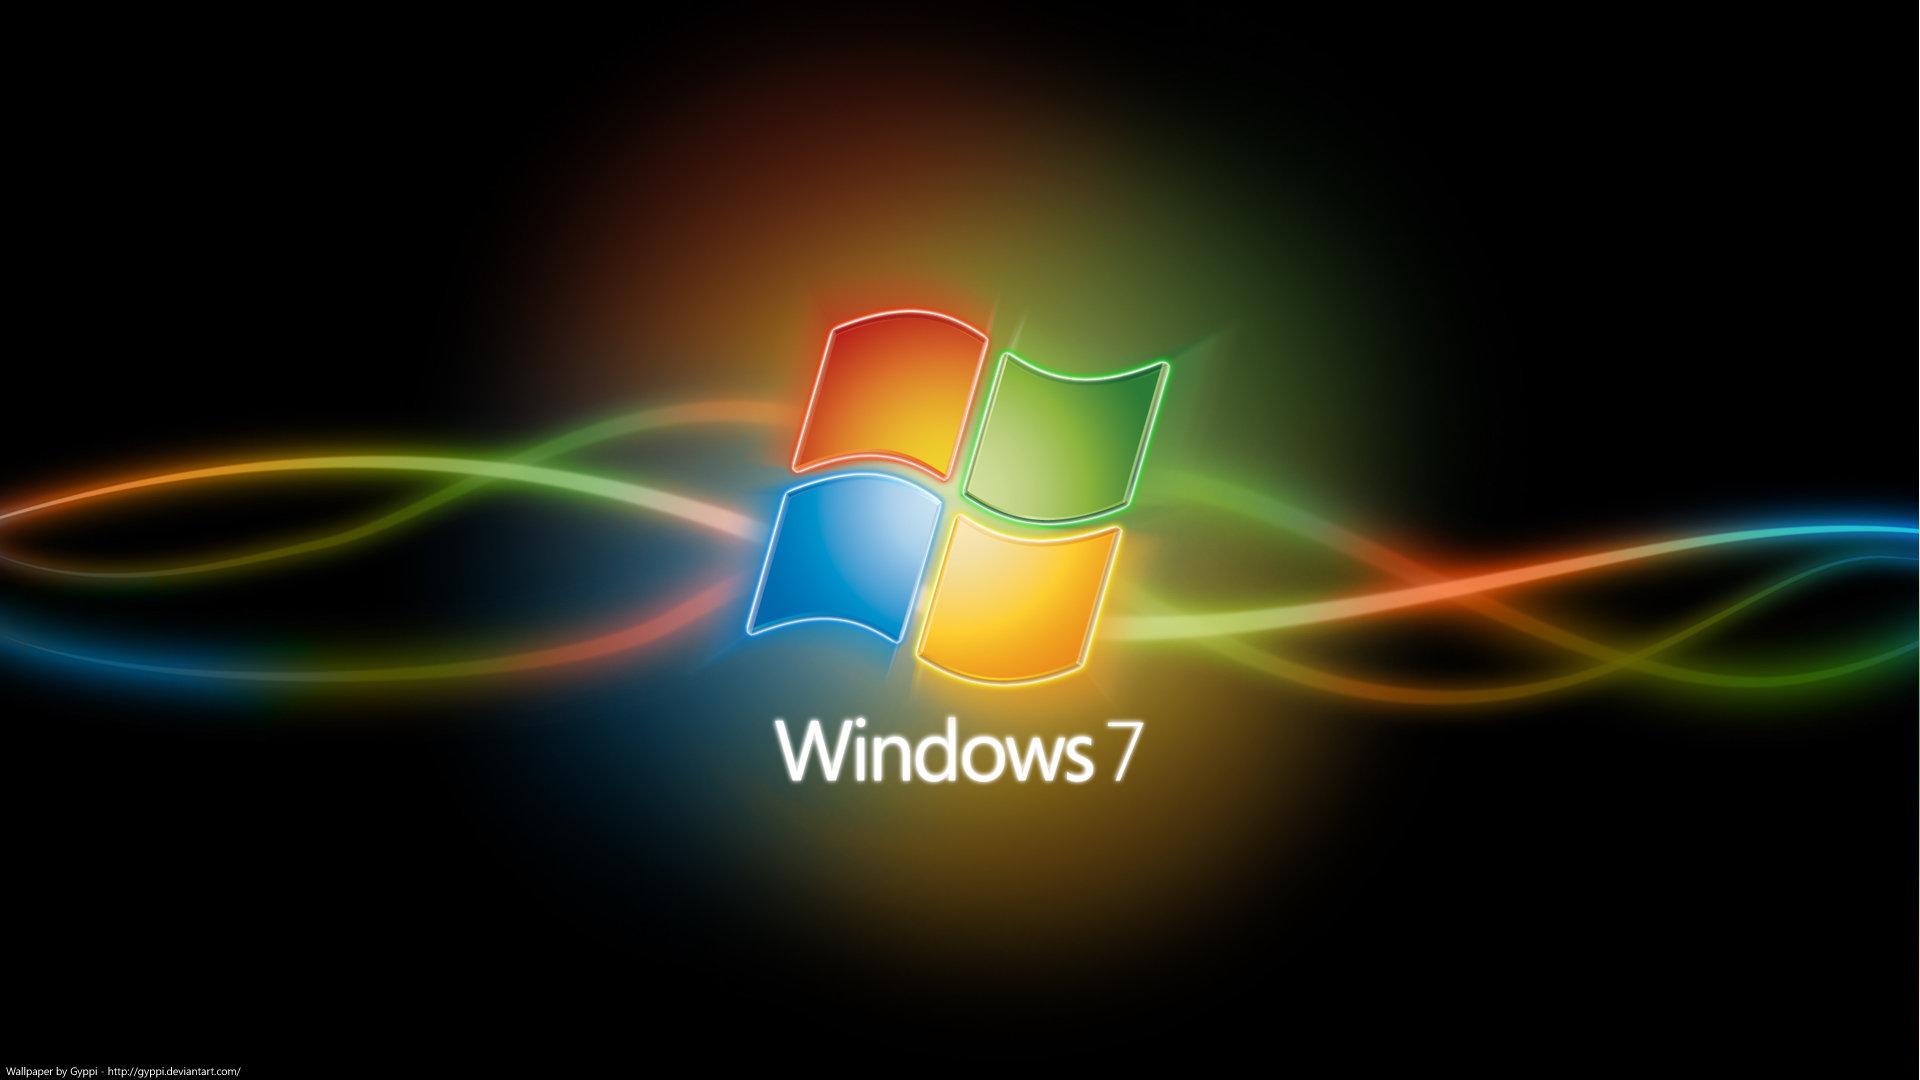 High Resolution Windows 7 Full Hd 1920x1080 Wallpaper Id